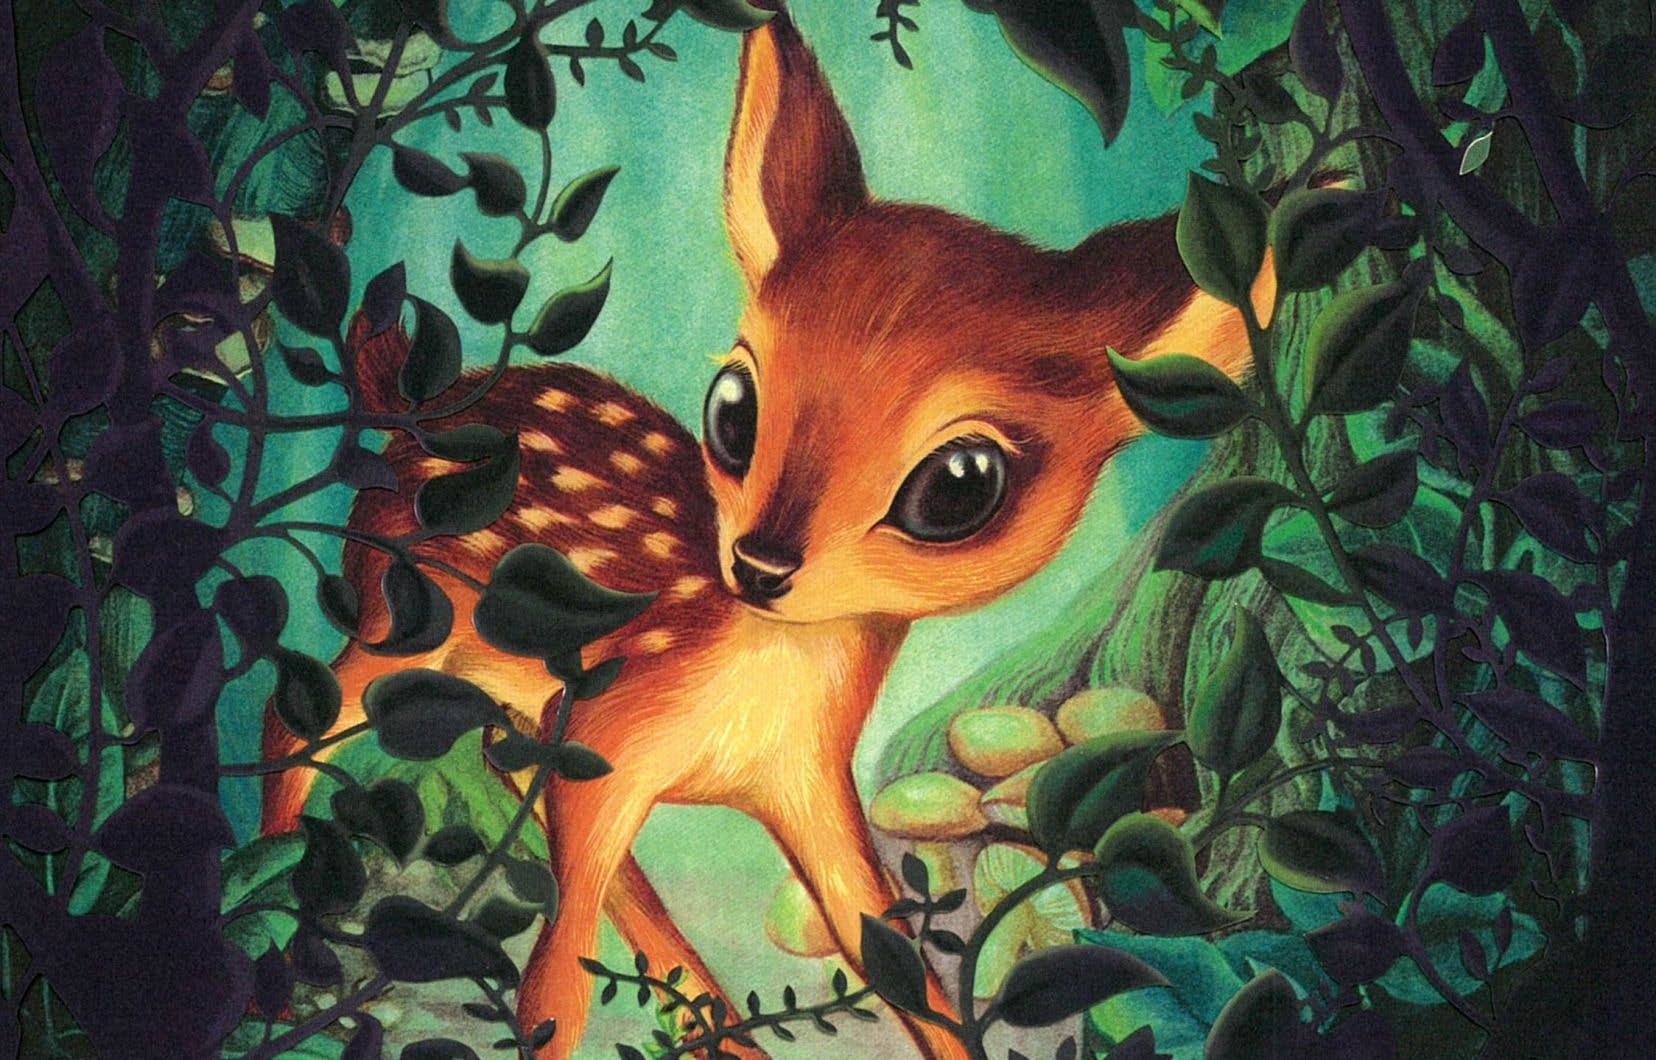 Dans cette sublime édition de «Bambi» écrit en 1923 par l'auteur autrichien, l'illustrateur Benjamin Lacombe évoque à travers ses tableaux le désir de «faire ressentir le danger et la peur qui étreignent ceux qui se sentent traqués».